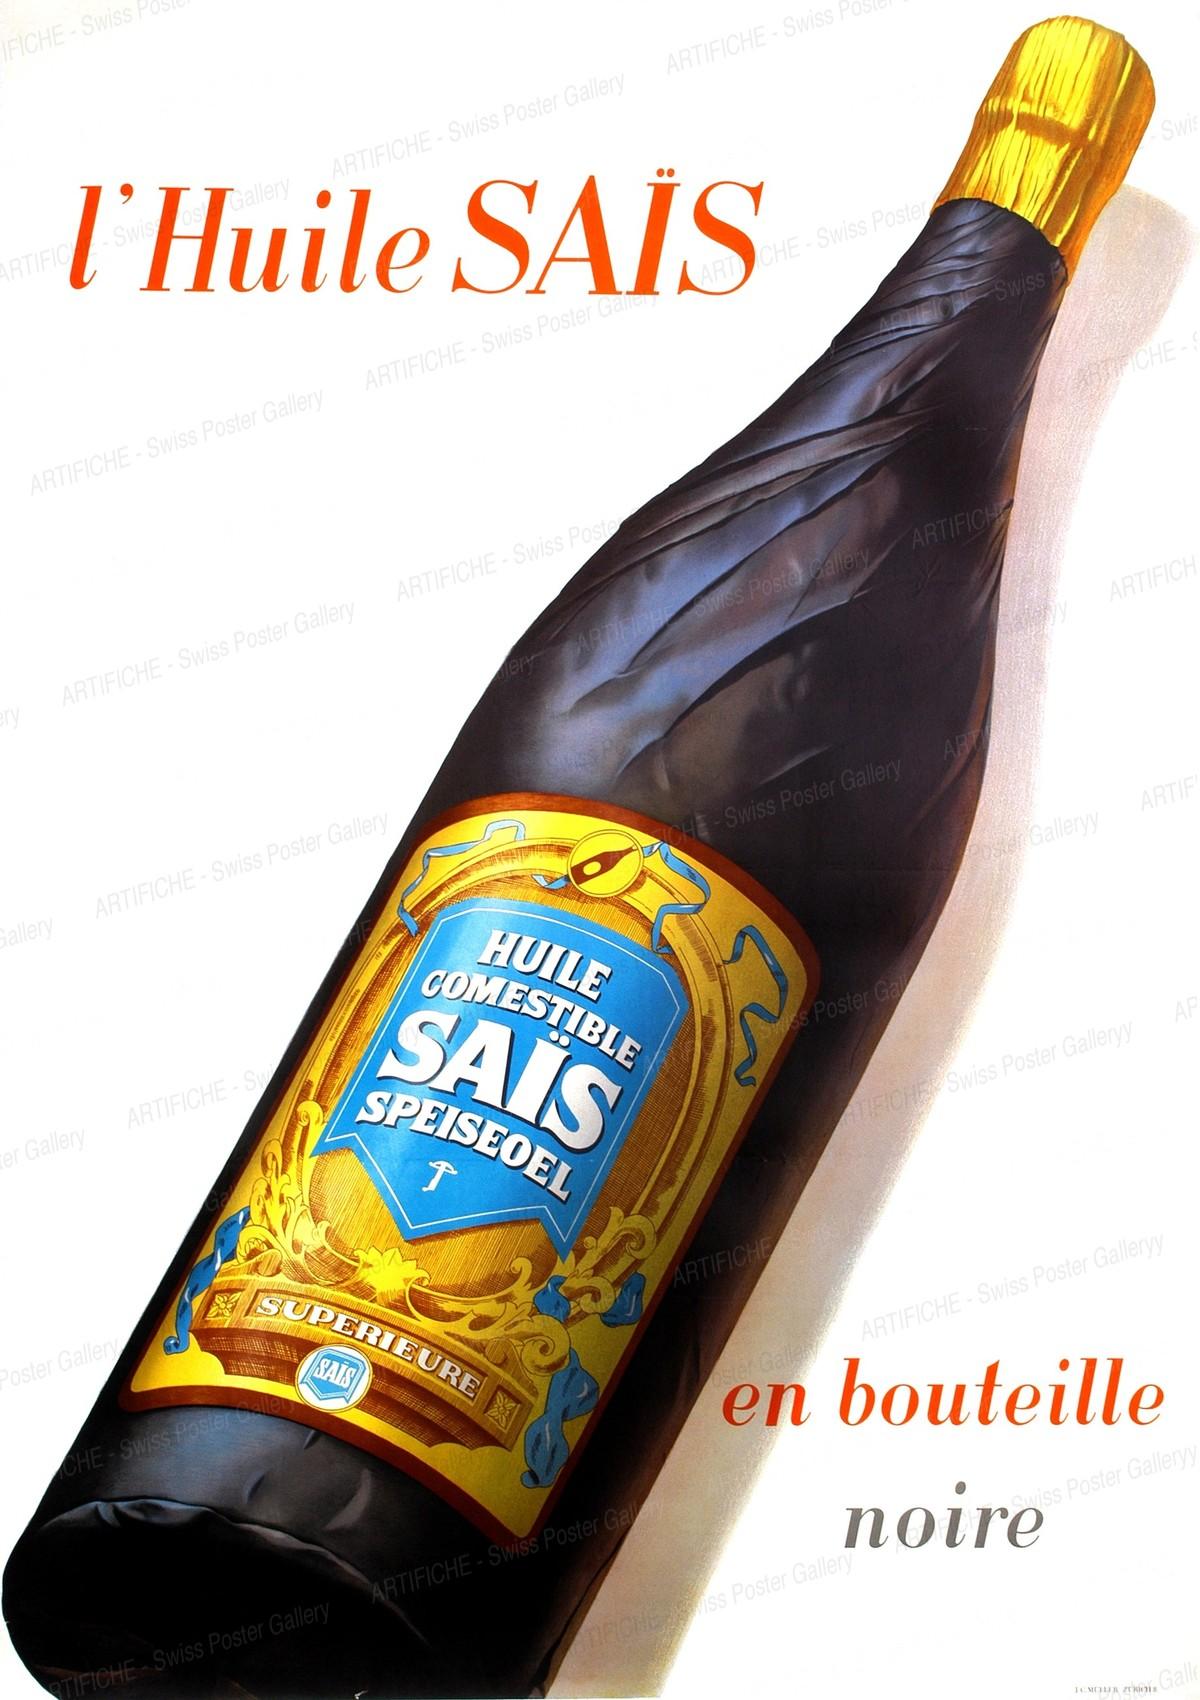 Sais Oil – in the black bottle, Hans Looser